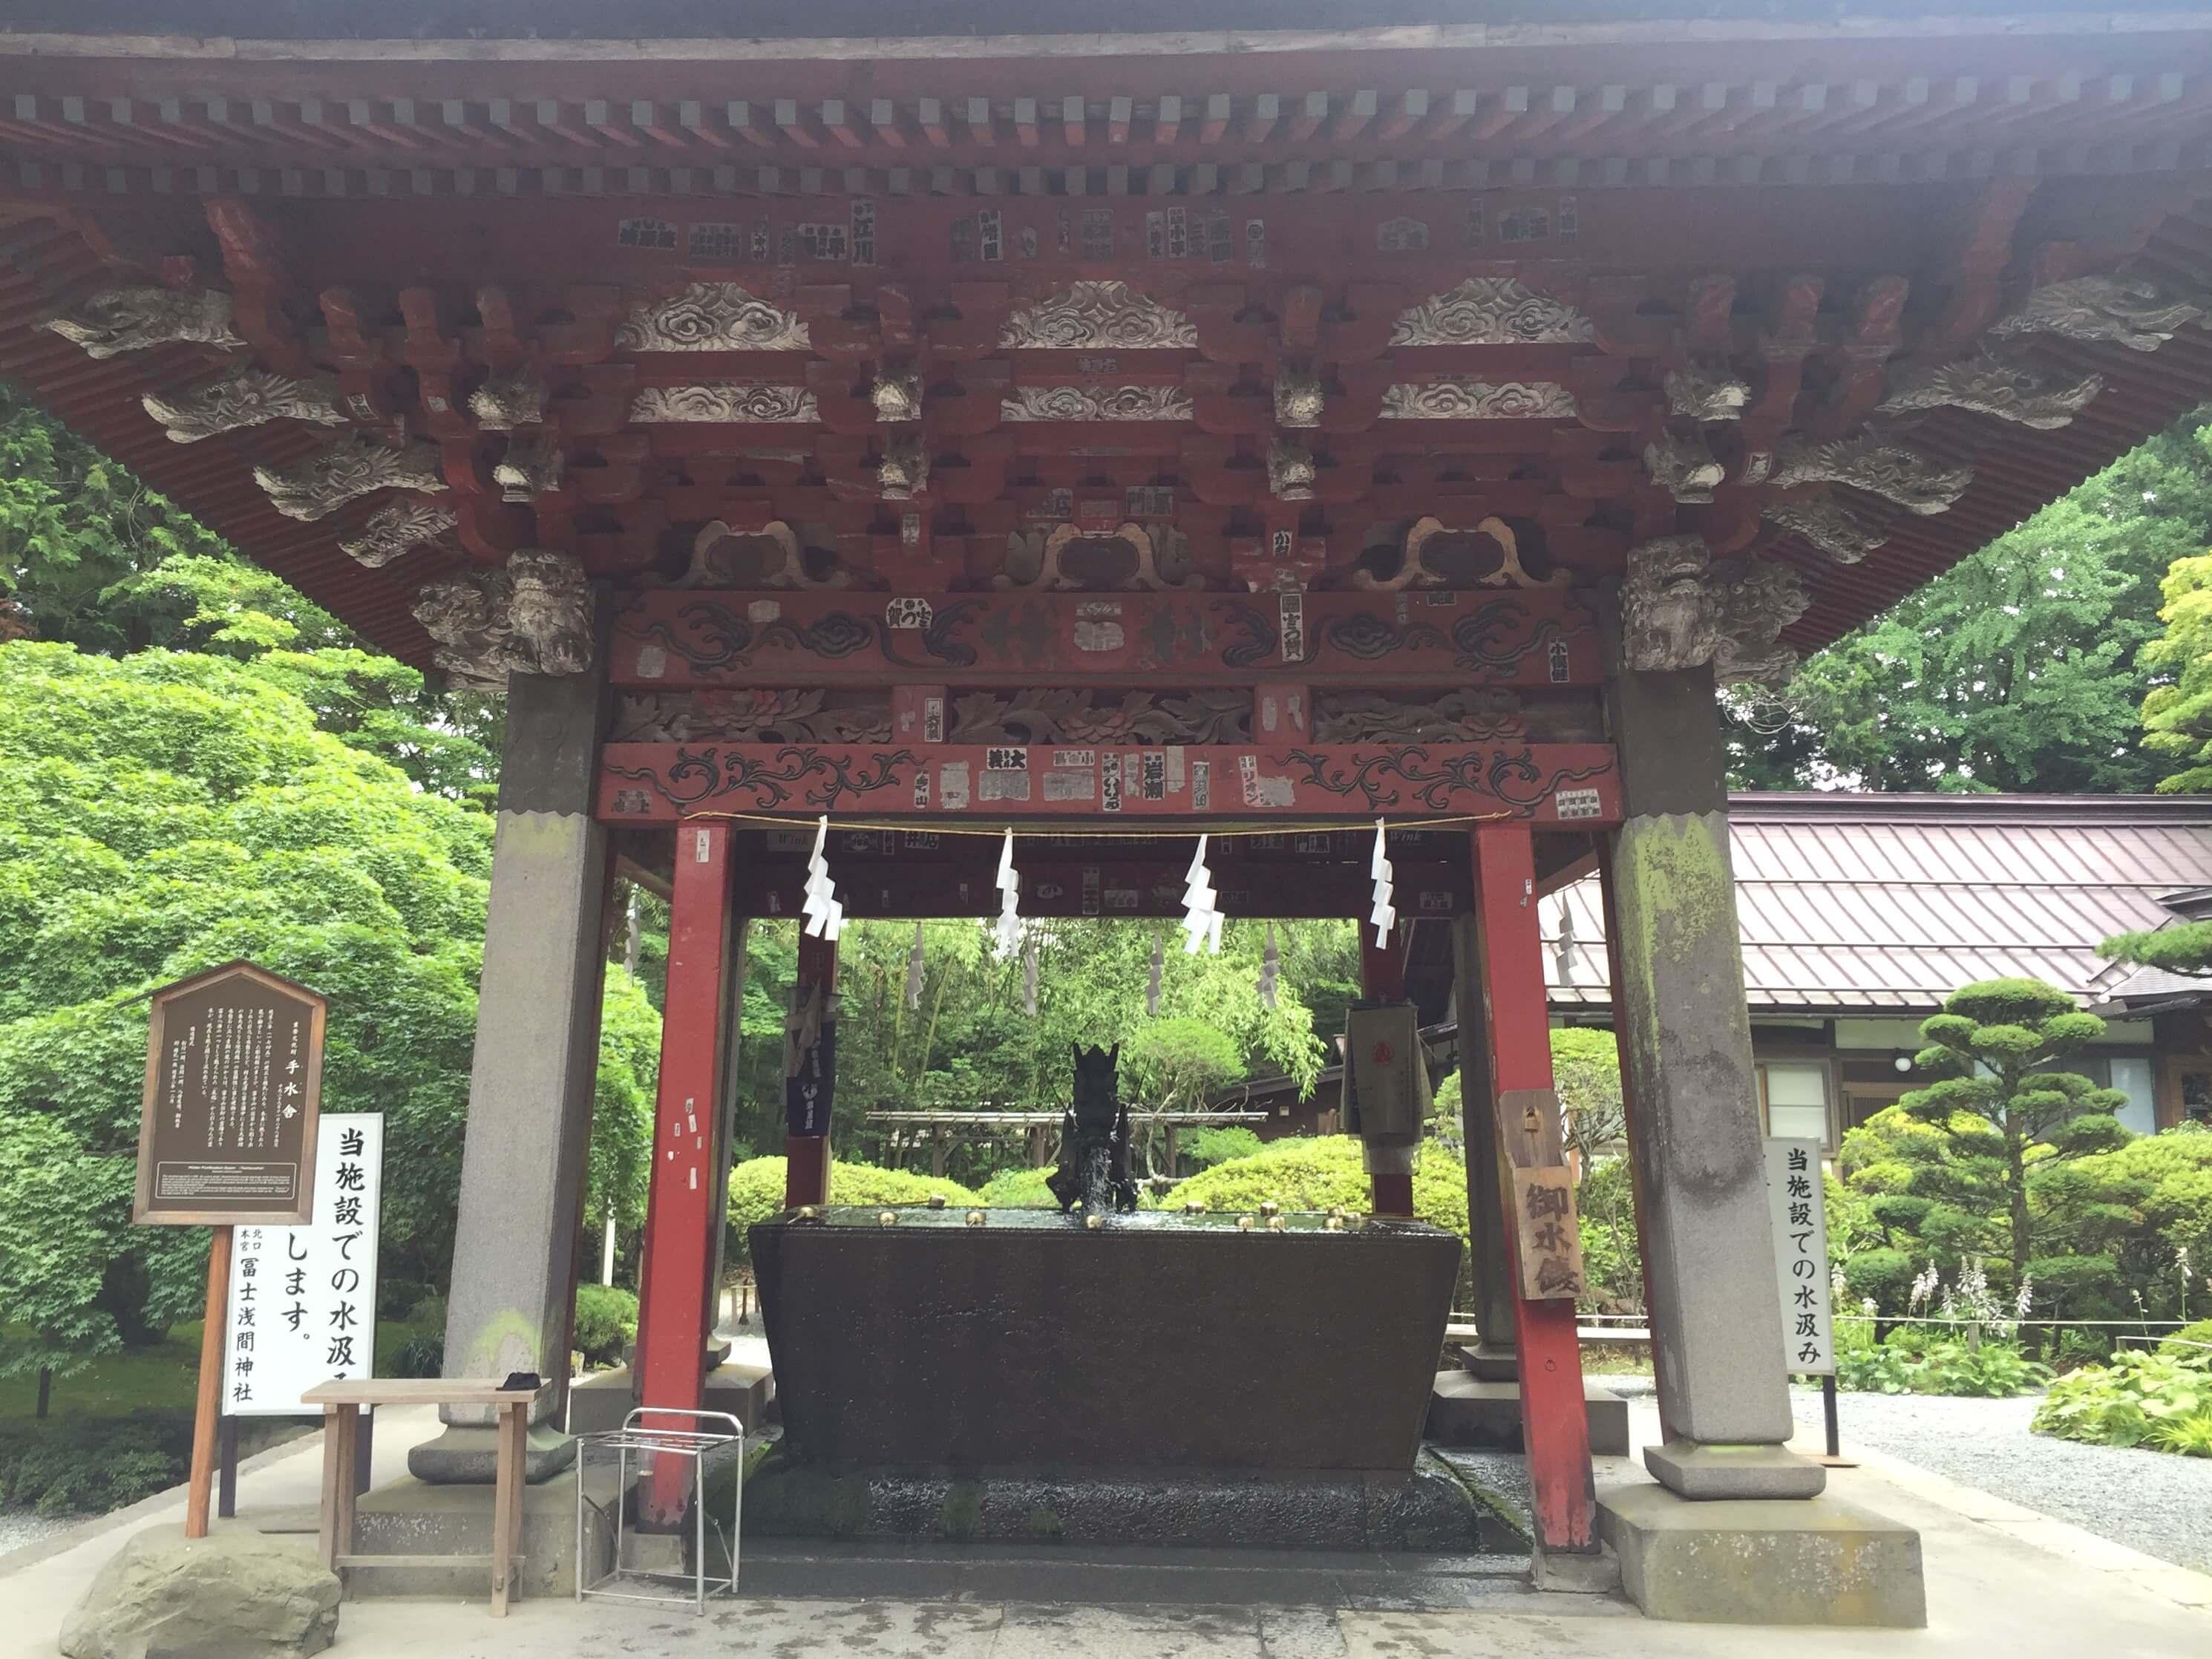 北口本宮冨士浅間神社の御朱印受付